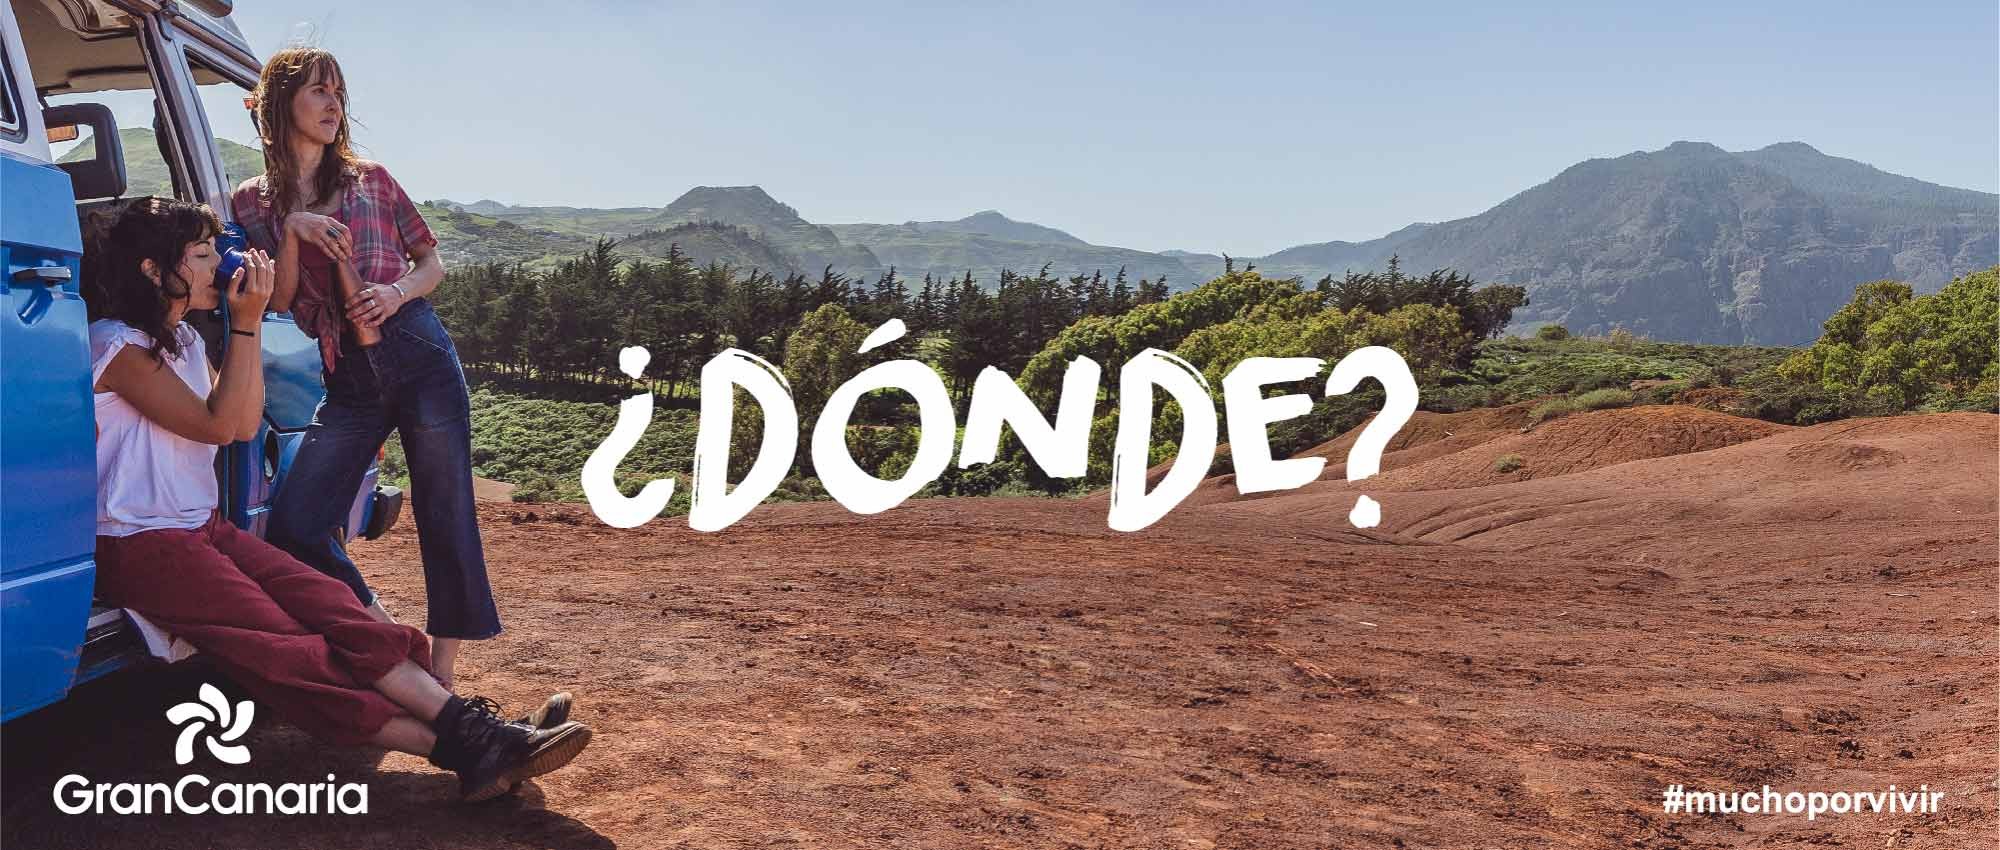 Gran Canaria. ¿Dónde? Kissthemountain